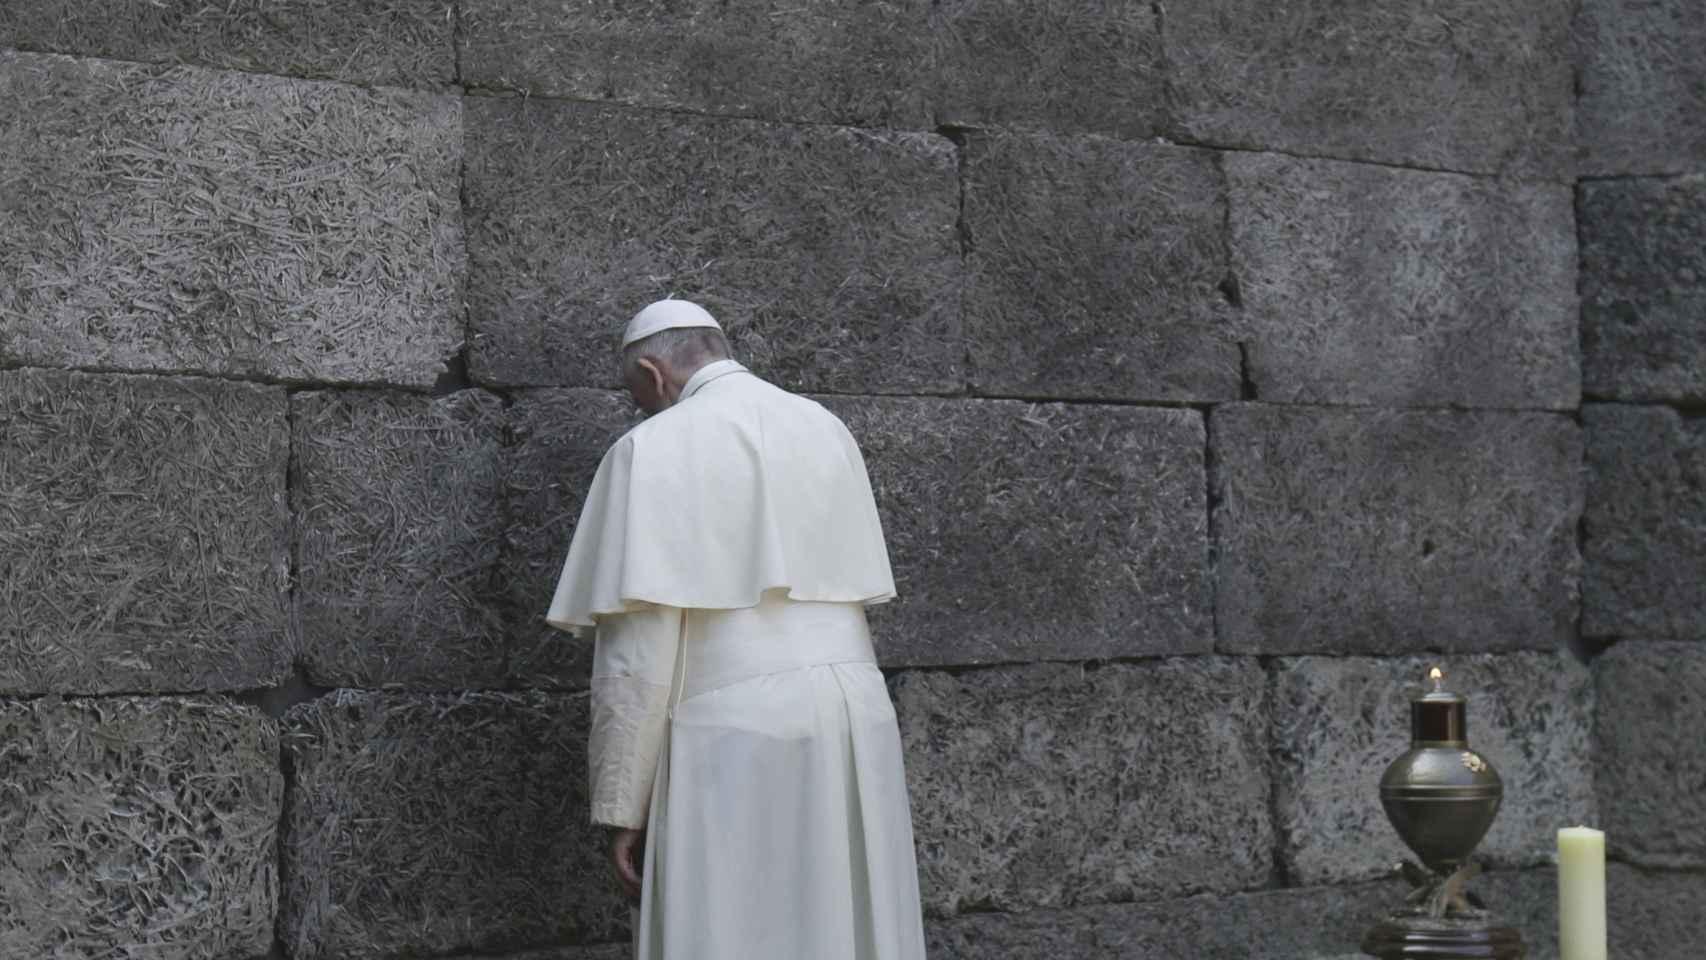 El Papa Francisco durante su visita a Auschwitz.